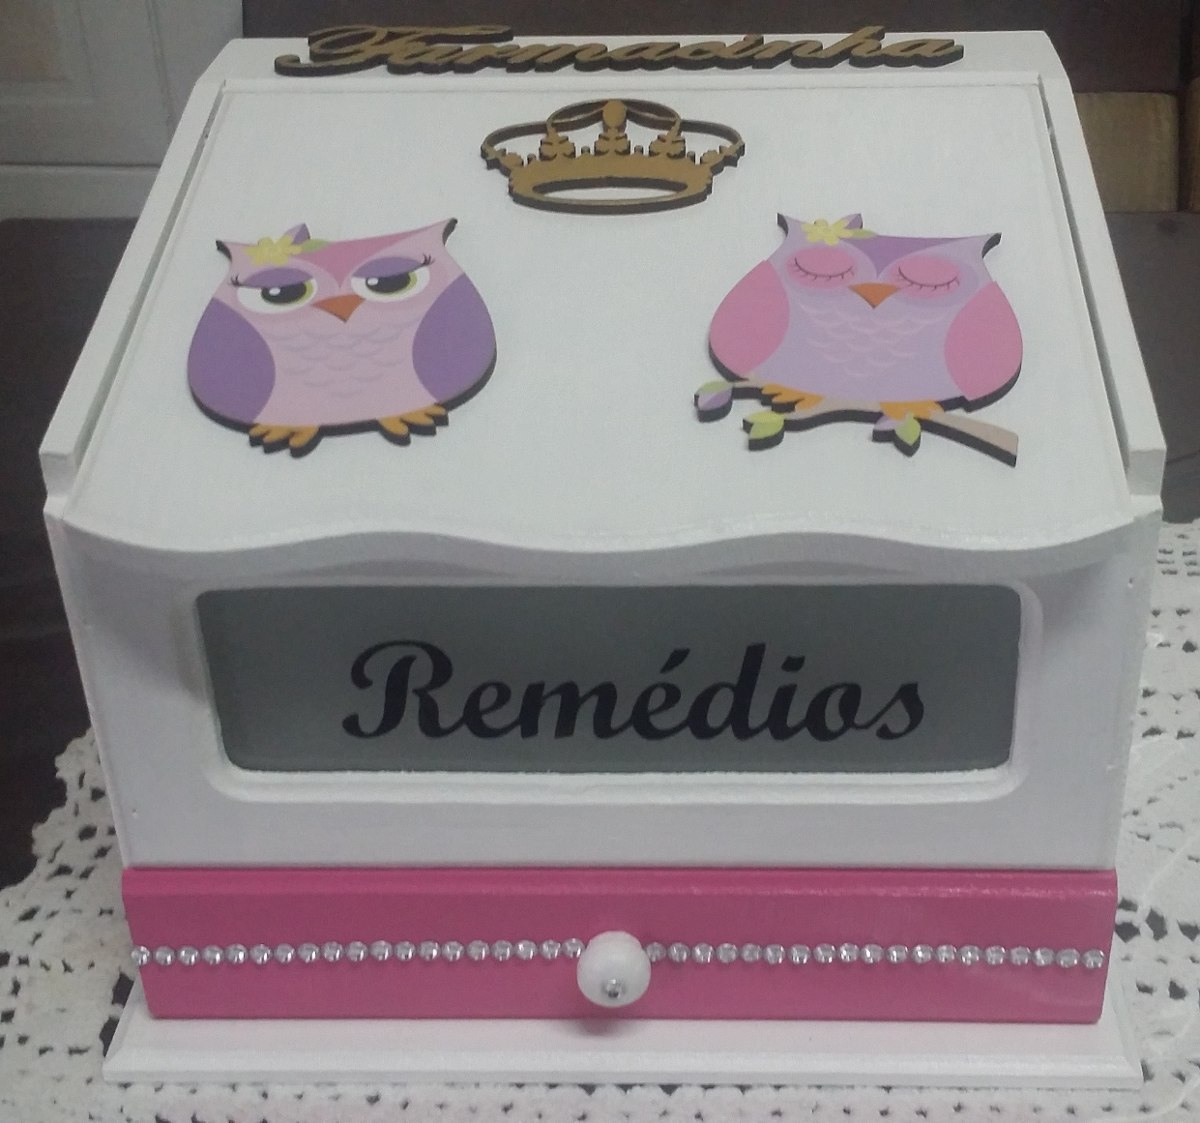 caixa de remédios (farmacinha) decorada corujinha #864560 1200x1123